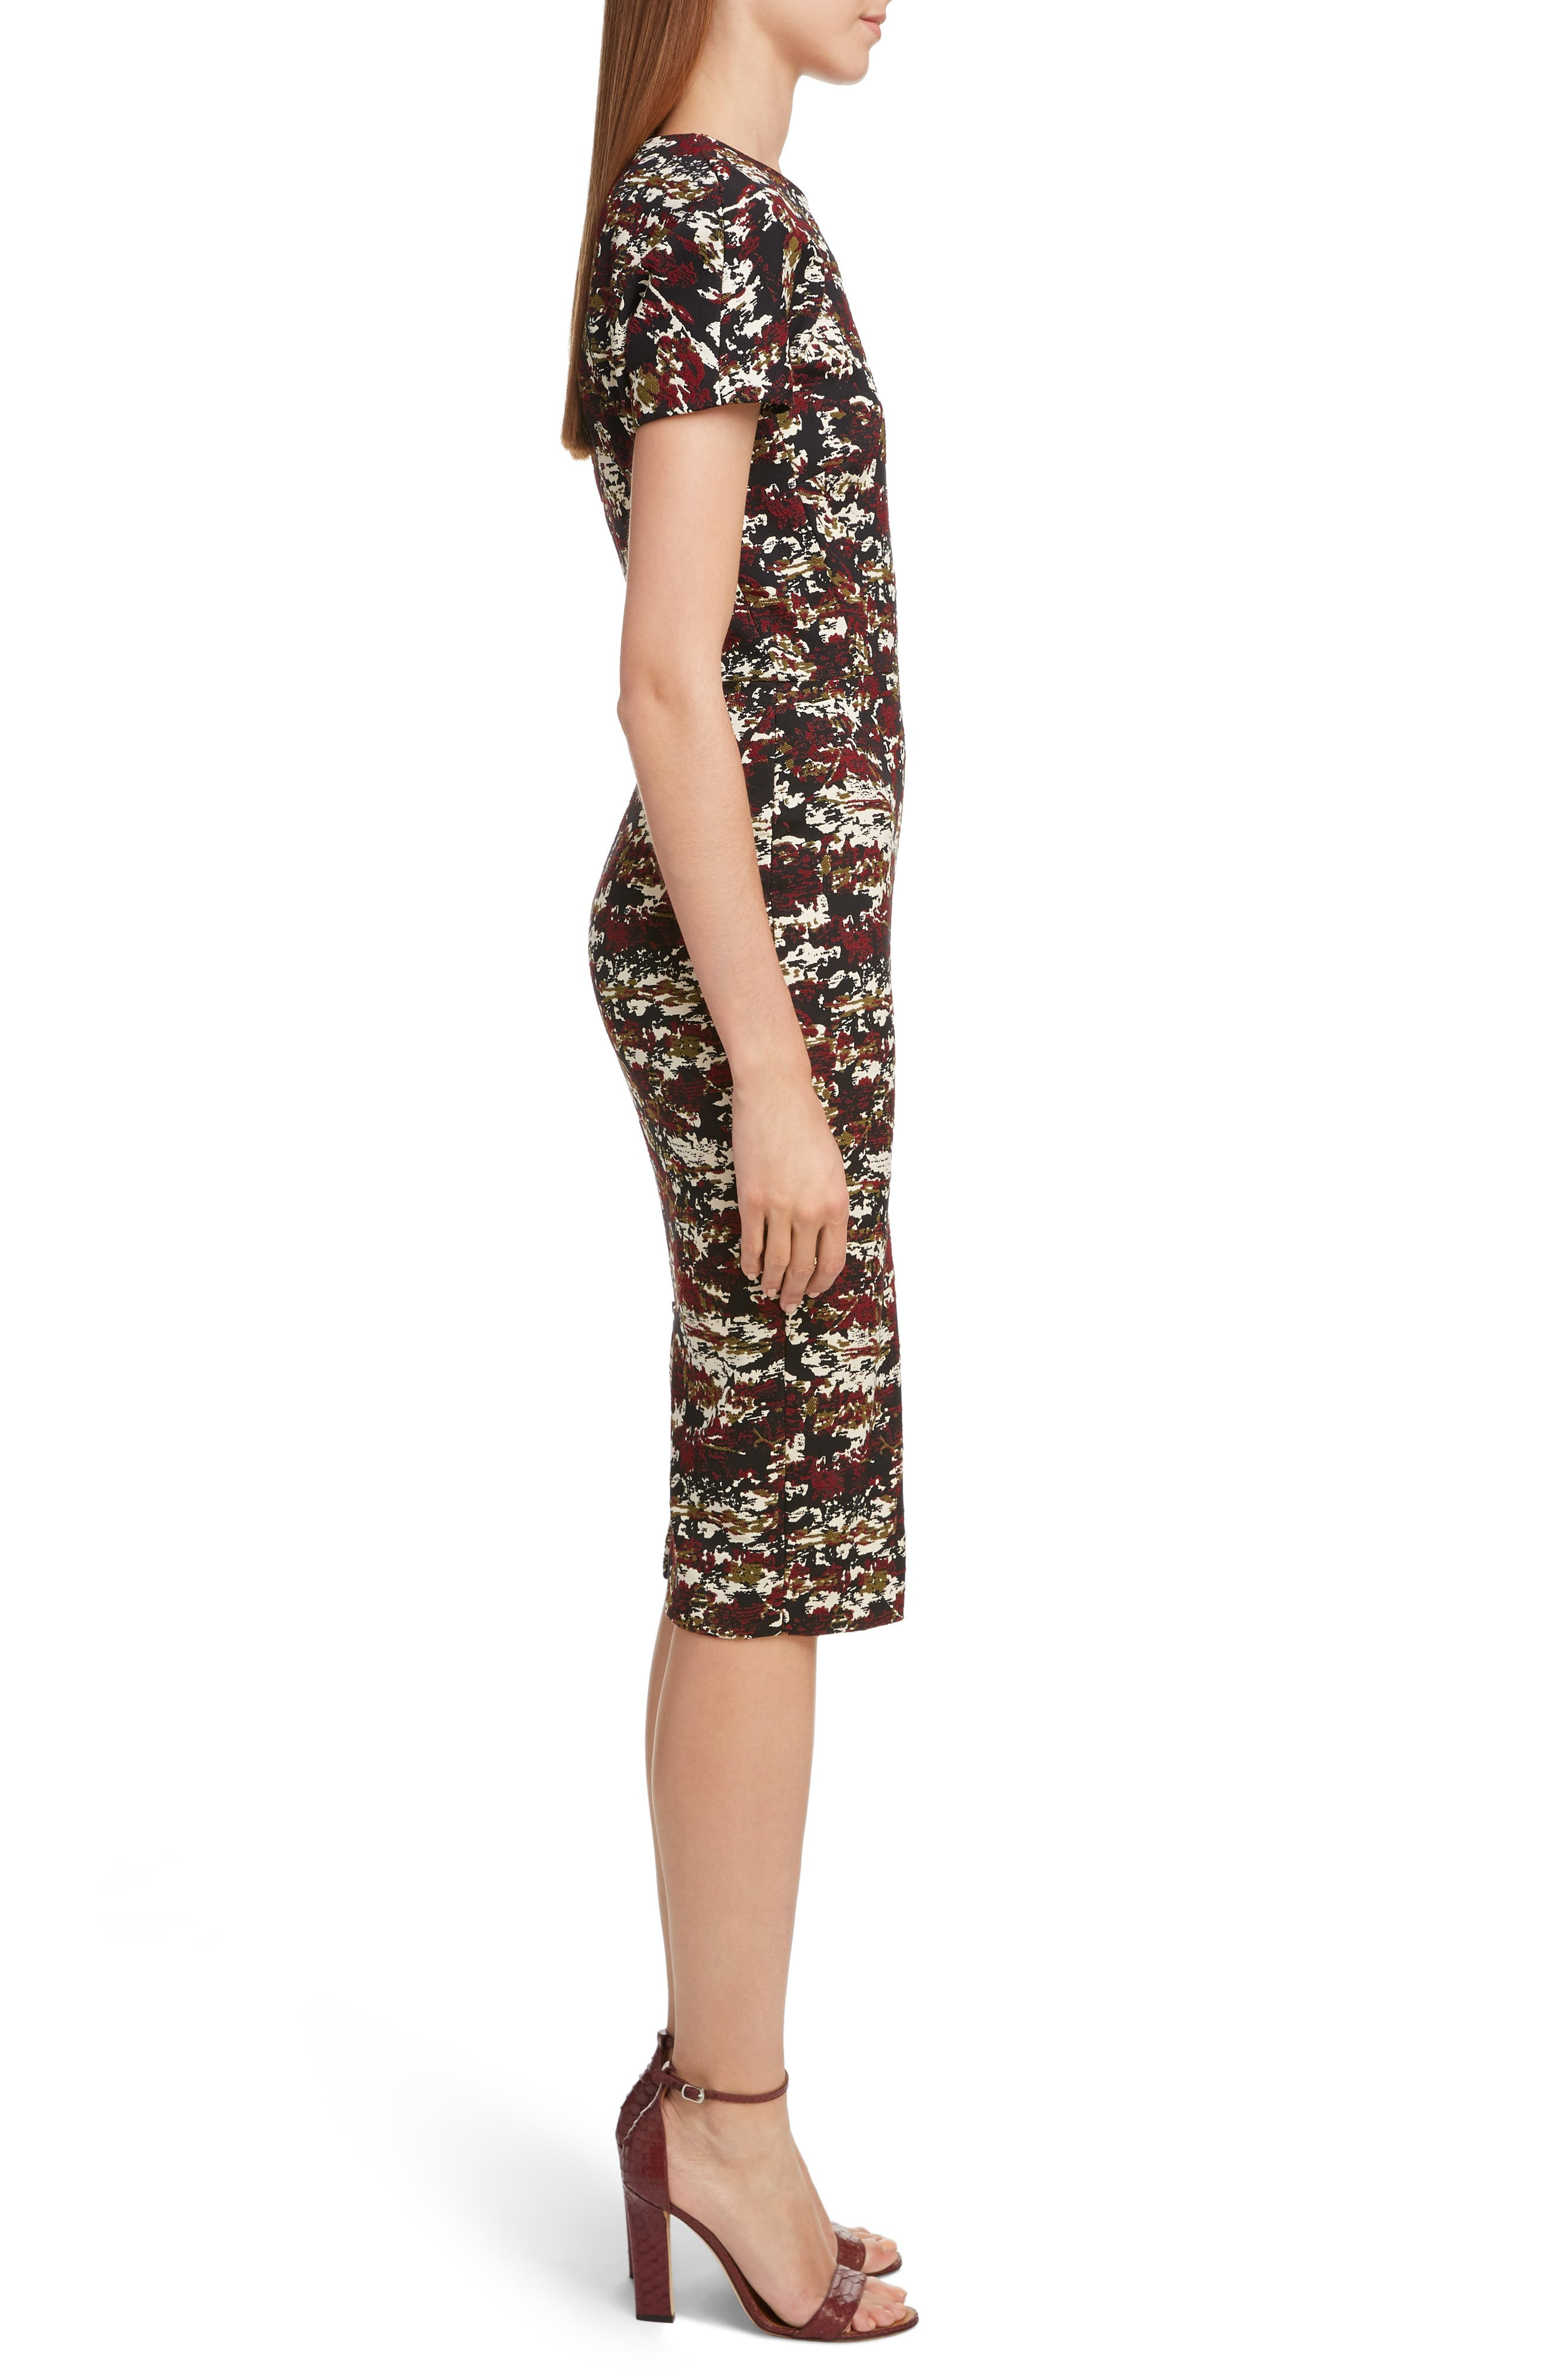 VICTORIA BECKHAM, Camouflage Jacquard Dress, Alternate thumbnail 3, color, BORDEAUX-BLACK